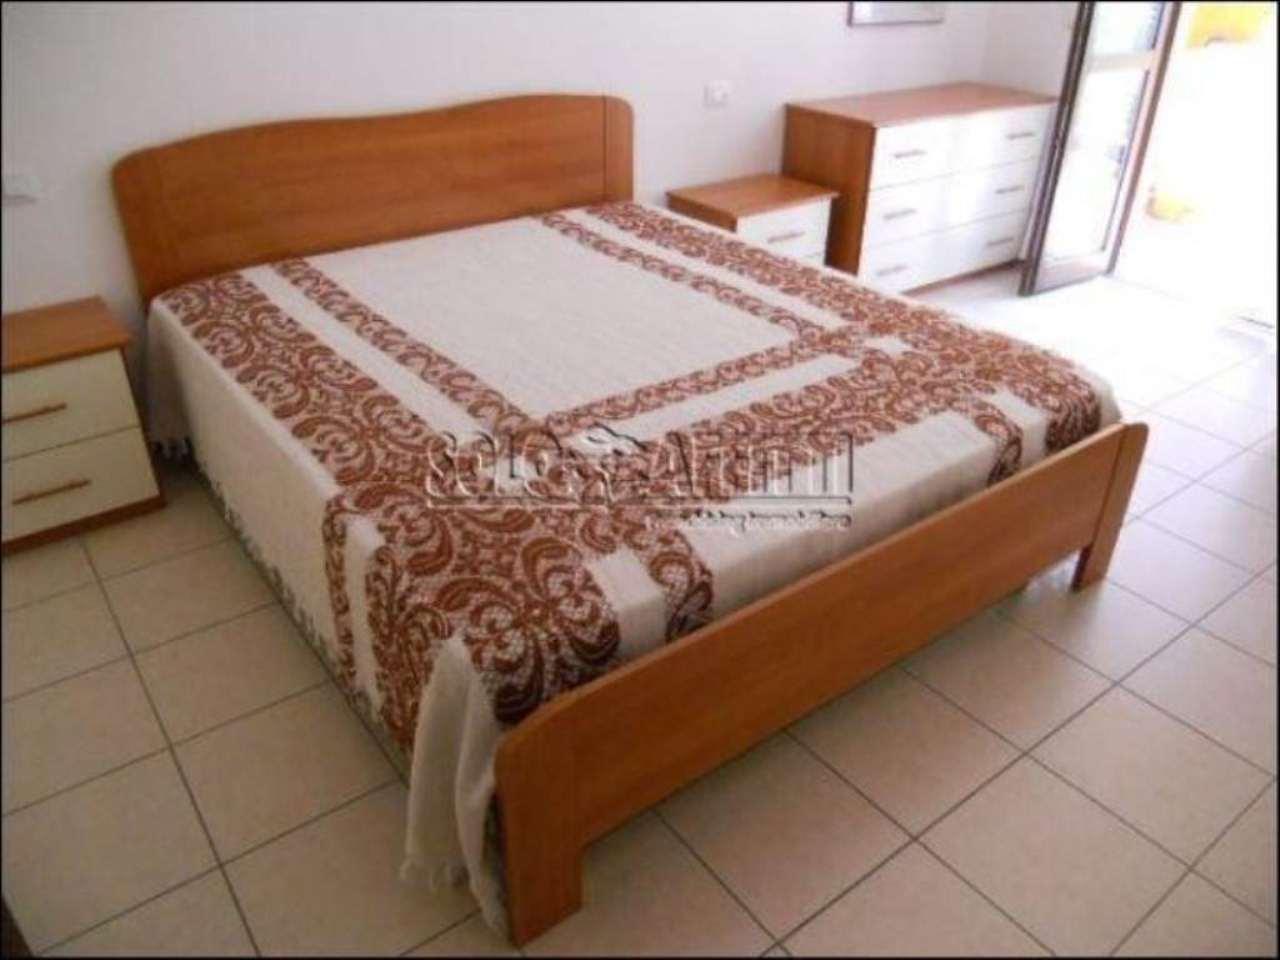 Appartamento in affitto a Serravalle Pistoiese, 2 locali, prezzo € 500 | Cambio Casa.it